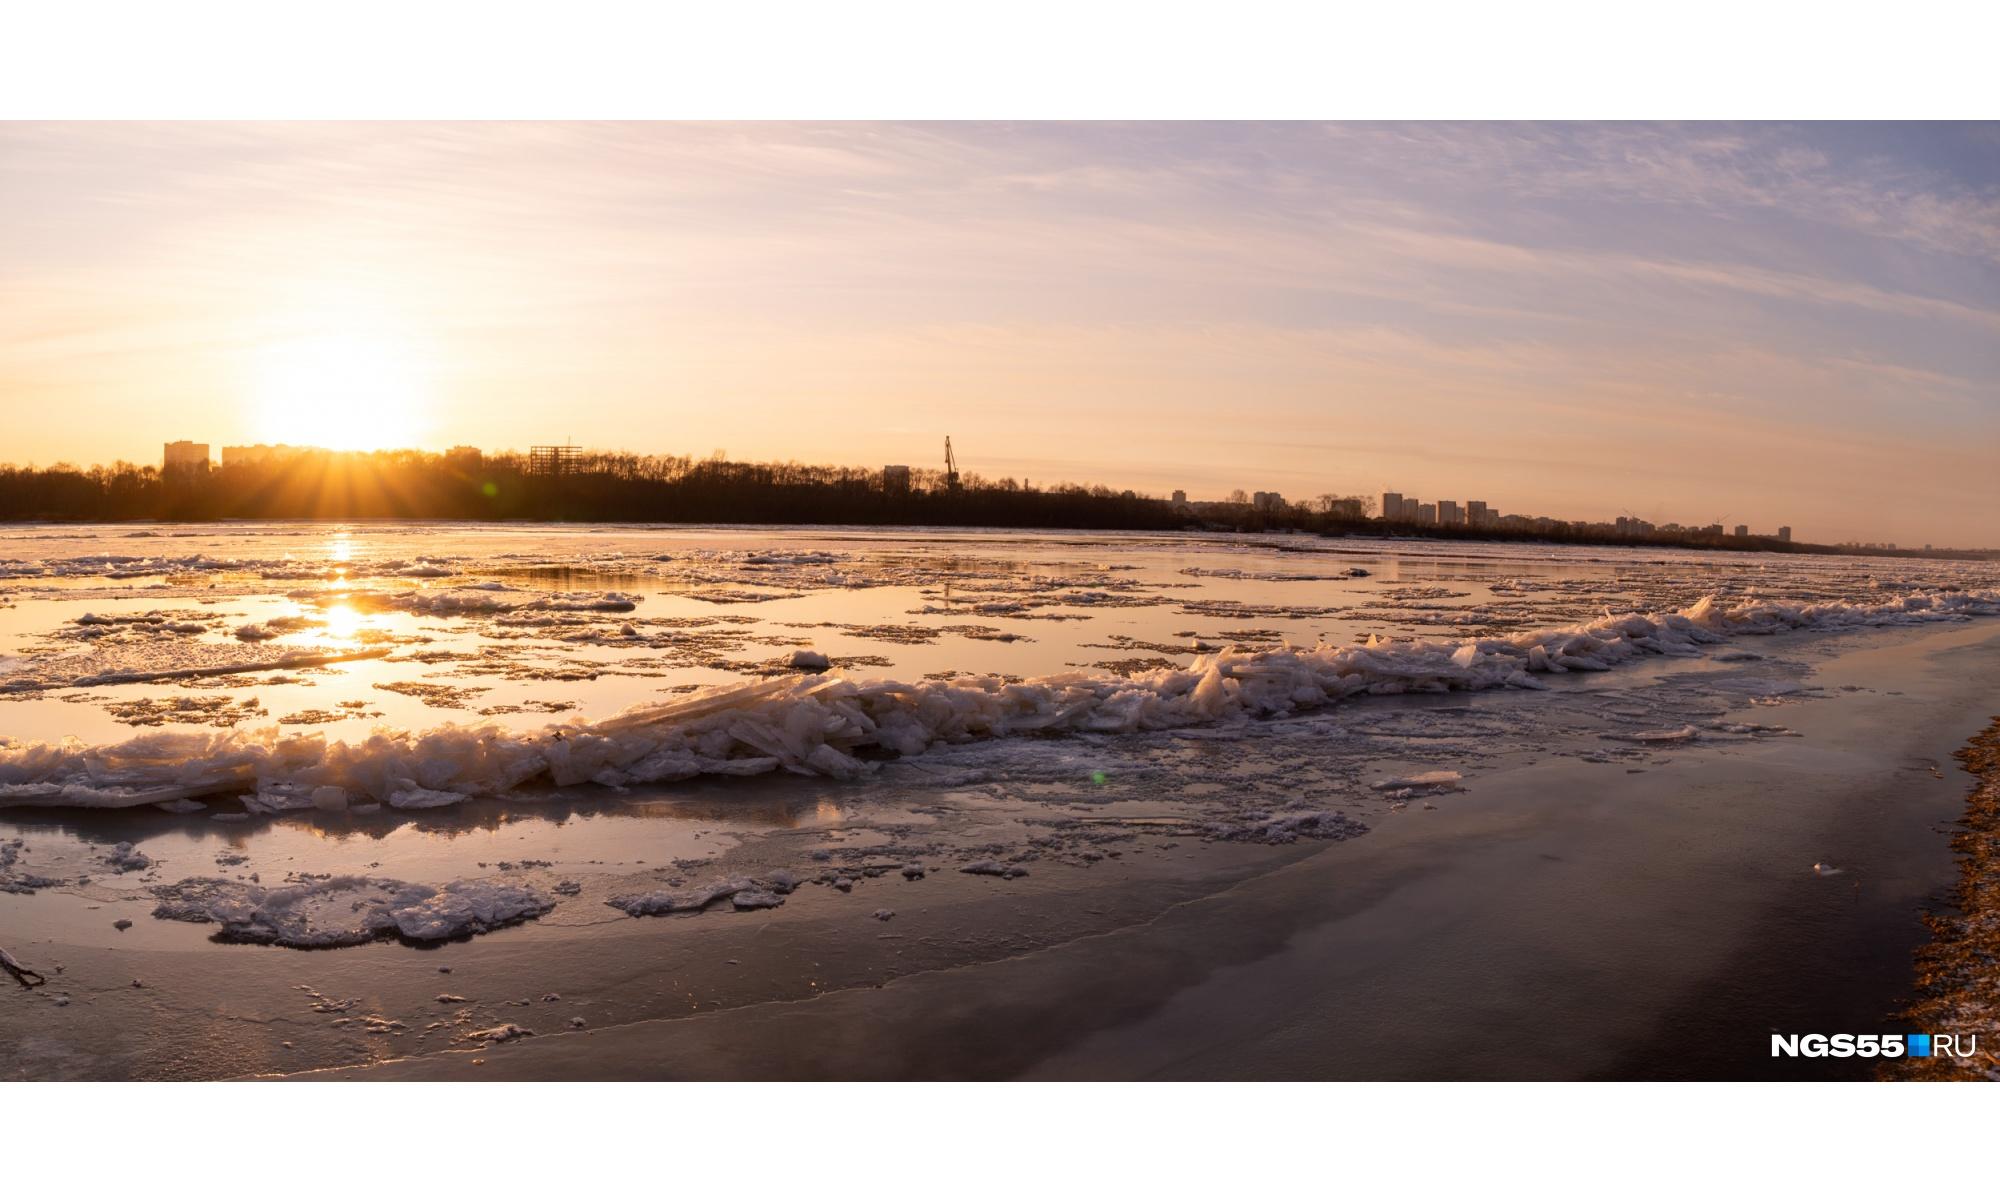 Кромку берега затянуло идеально ровным слоем тонкого льда